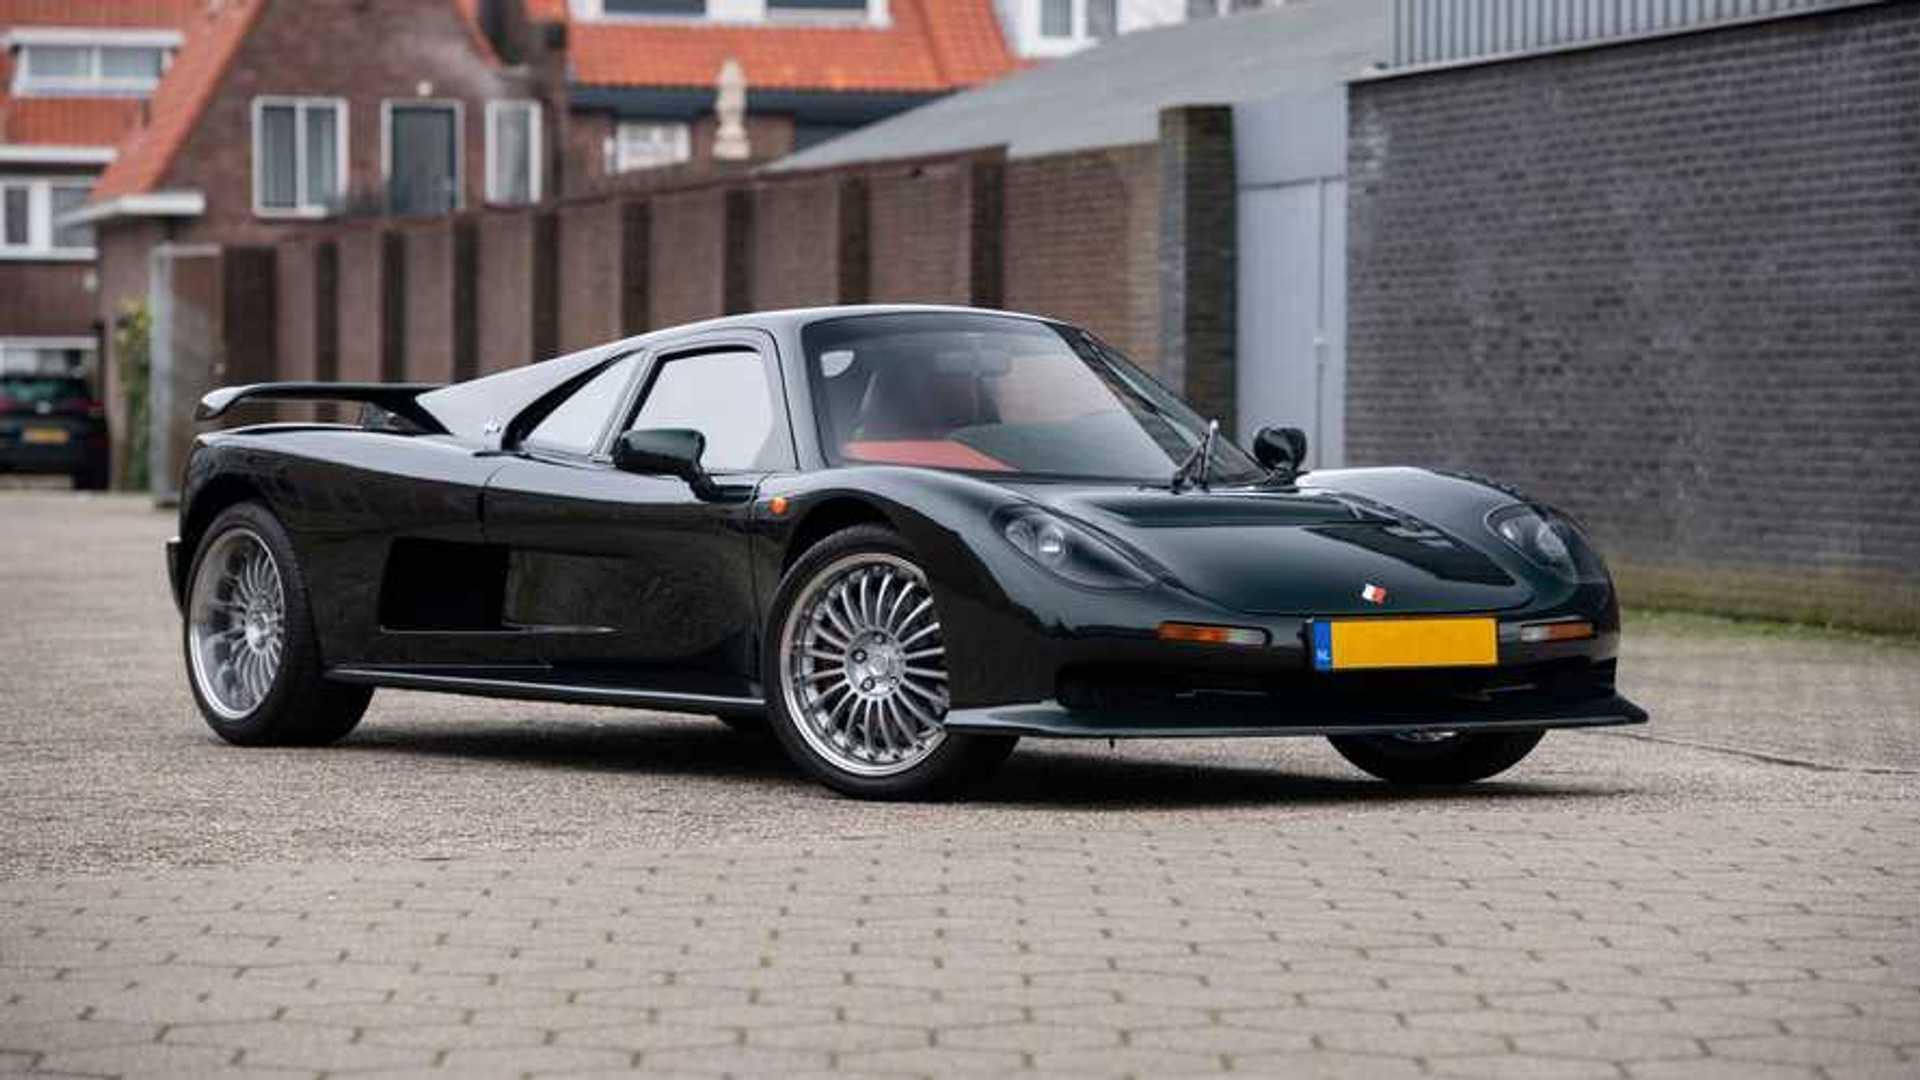 Редкий BMW Ascari Ecosse 1997 года выпуска выставлен на продажу в Нидерландах